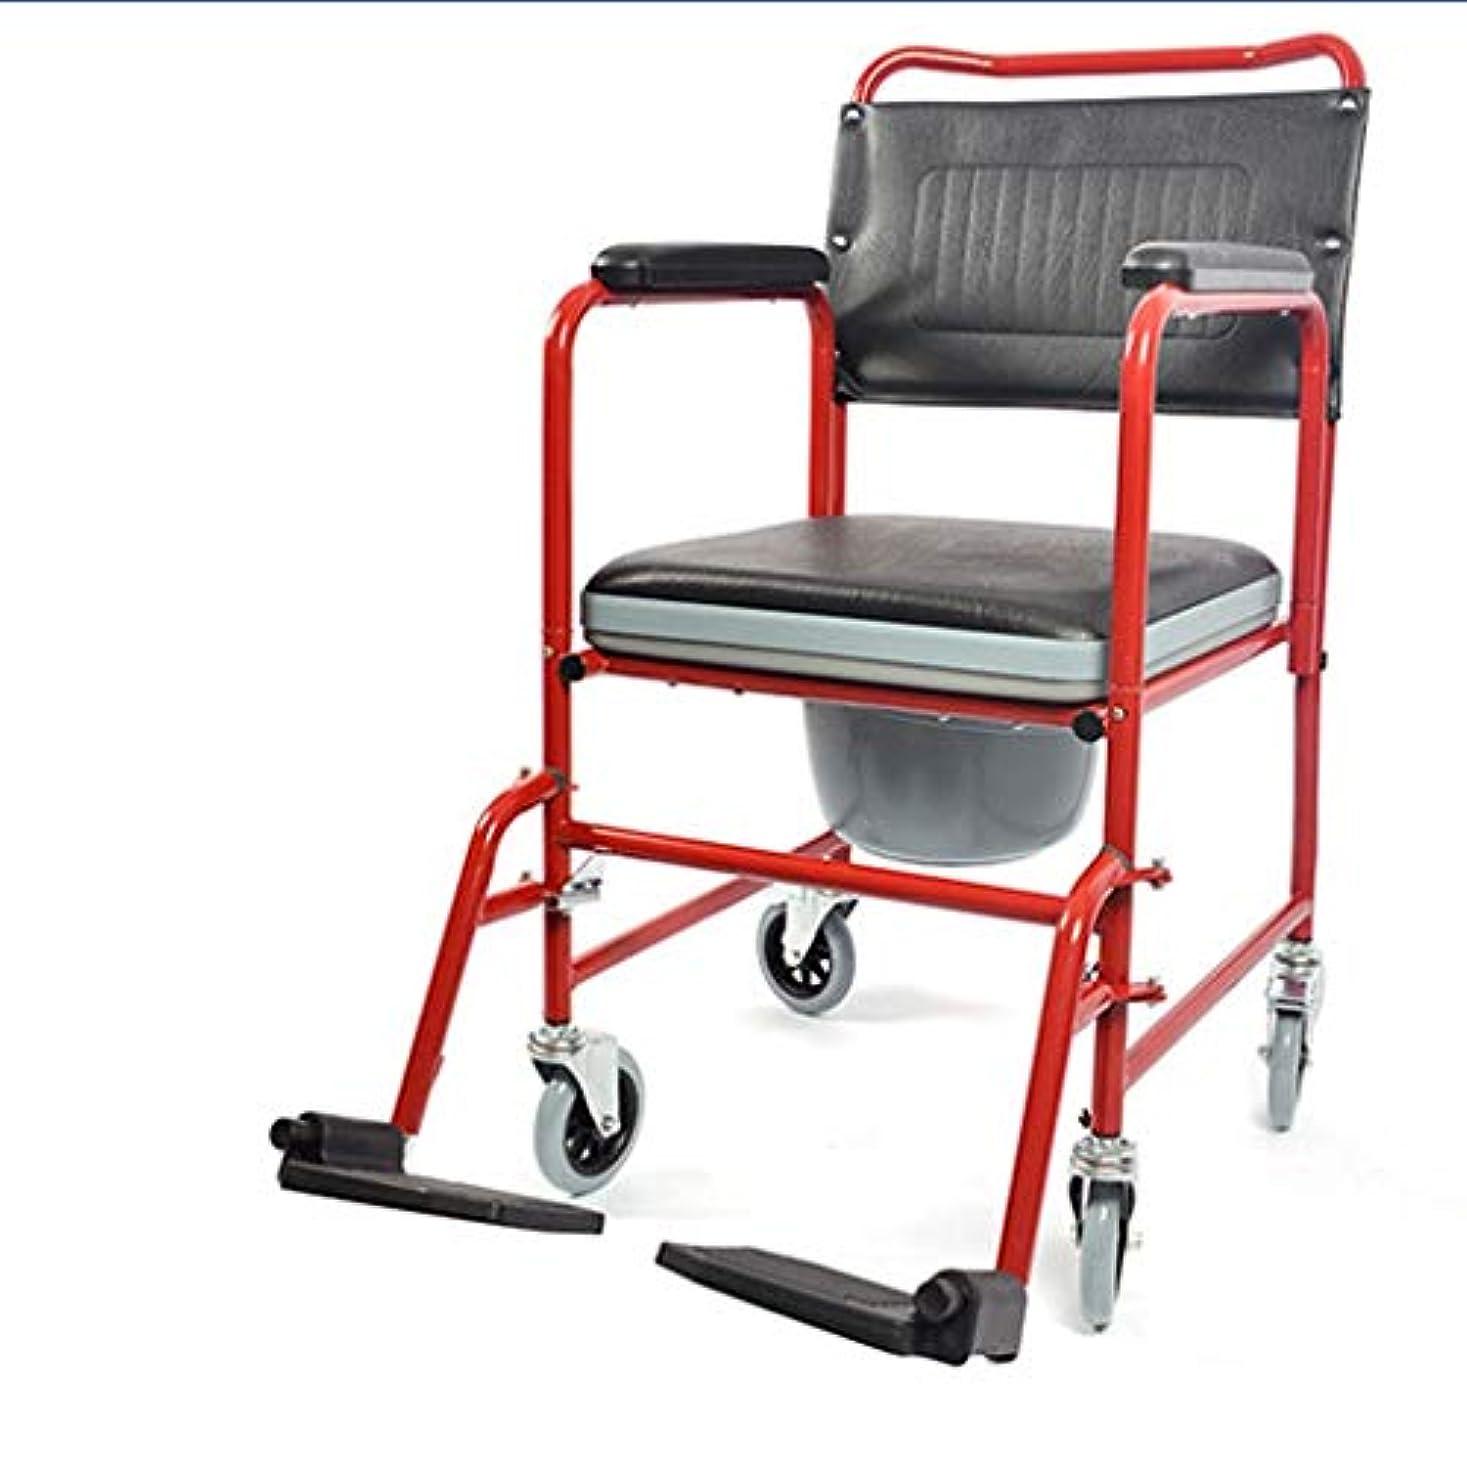 同志許さない女王バスルームのシャワーチェア、レインスツール、高齢者妊婦ポータブル多機能車椅子高齢者ポータブルカート